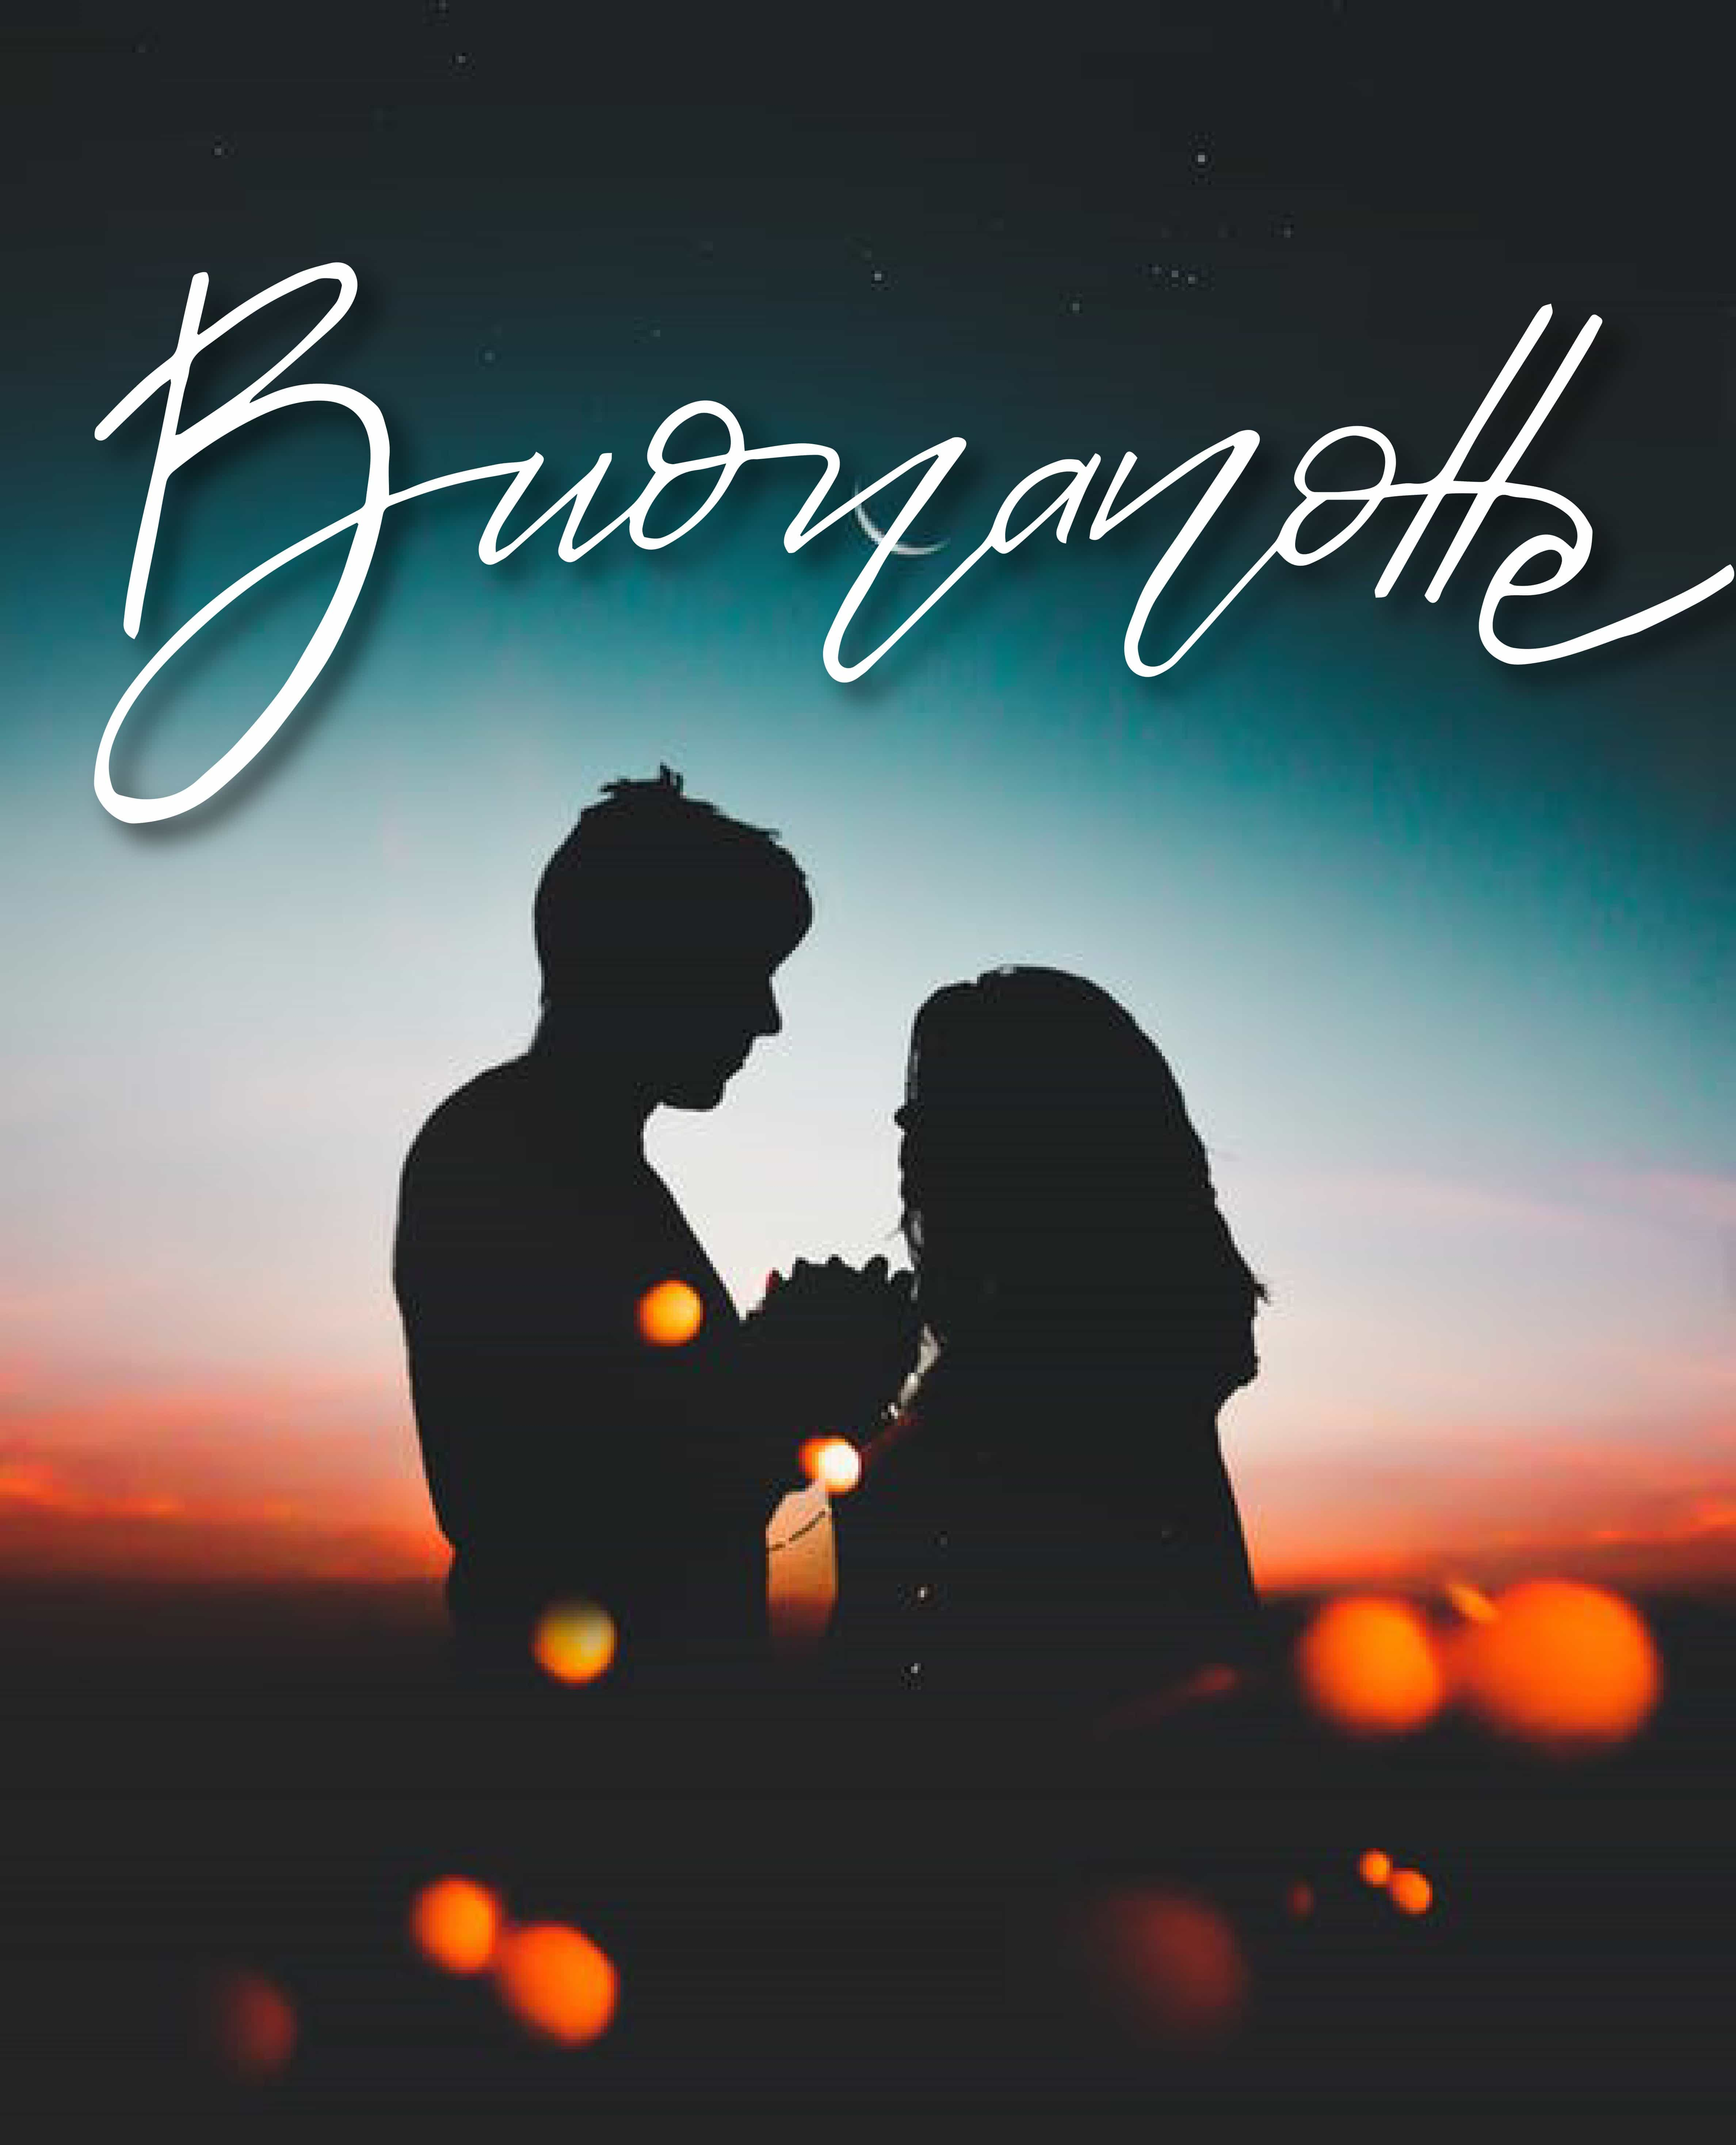 Immagini Belle Buonanotte Romantiche Condividi Immagini